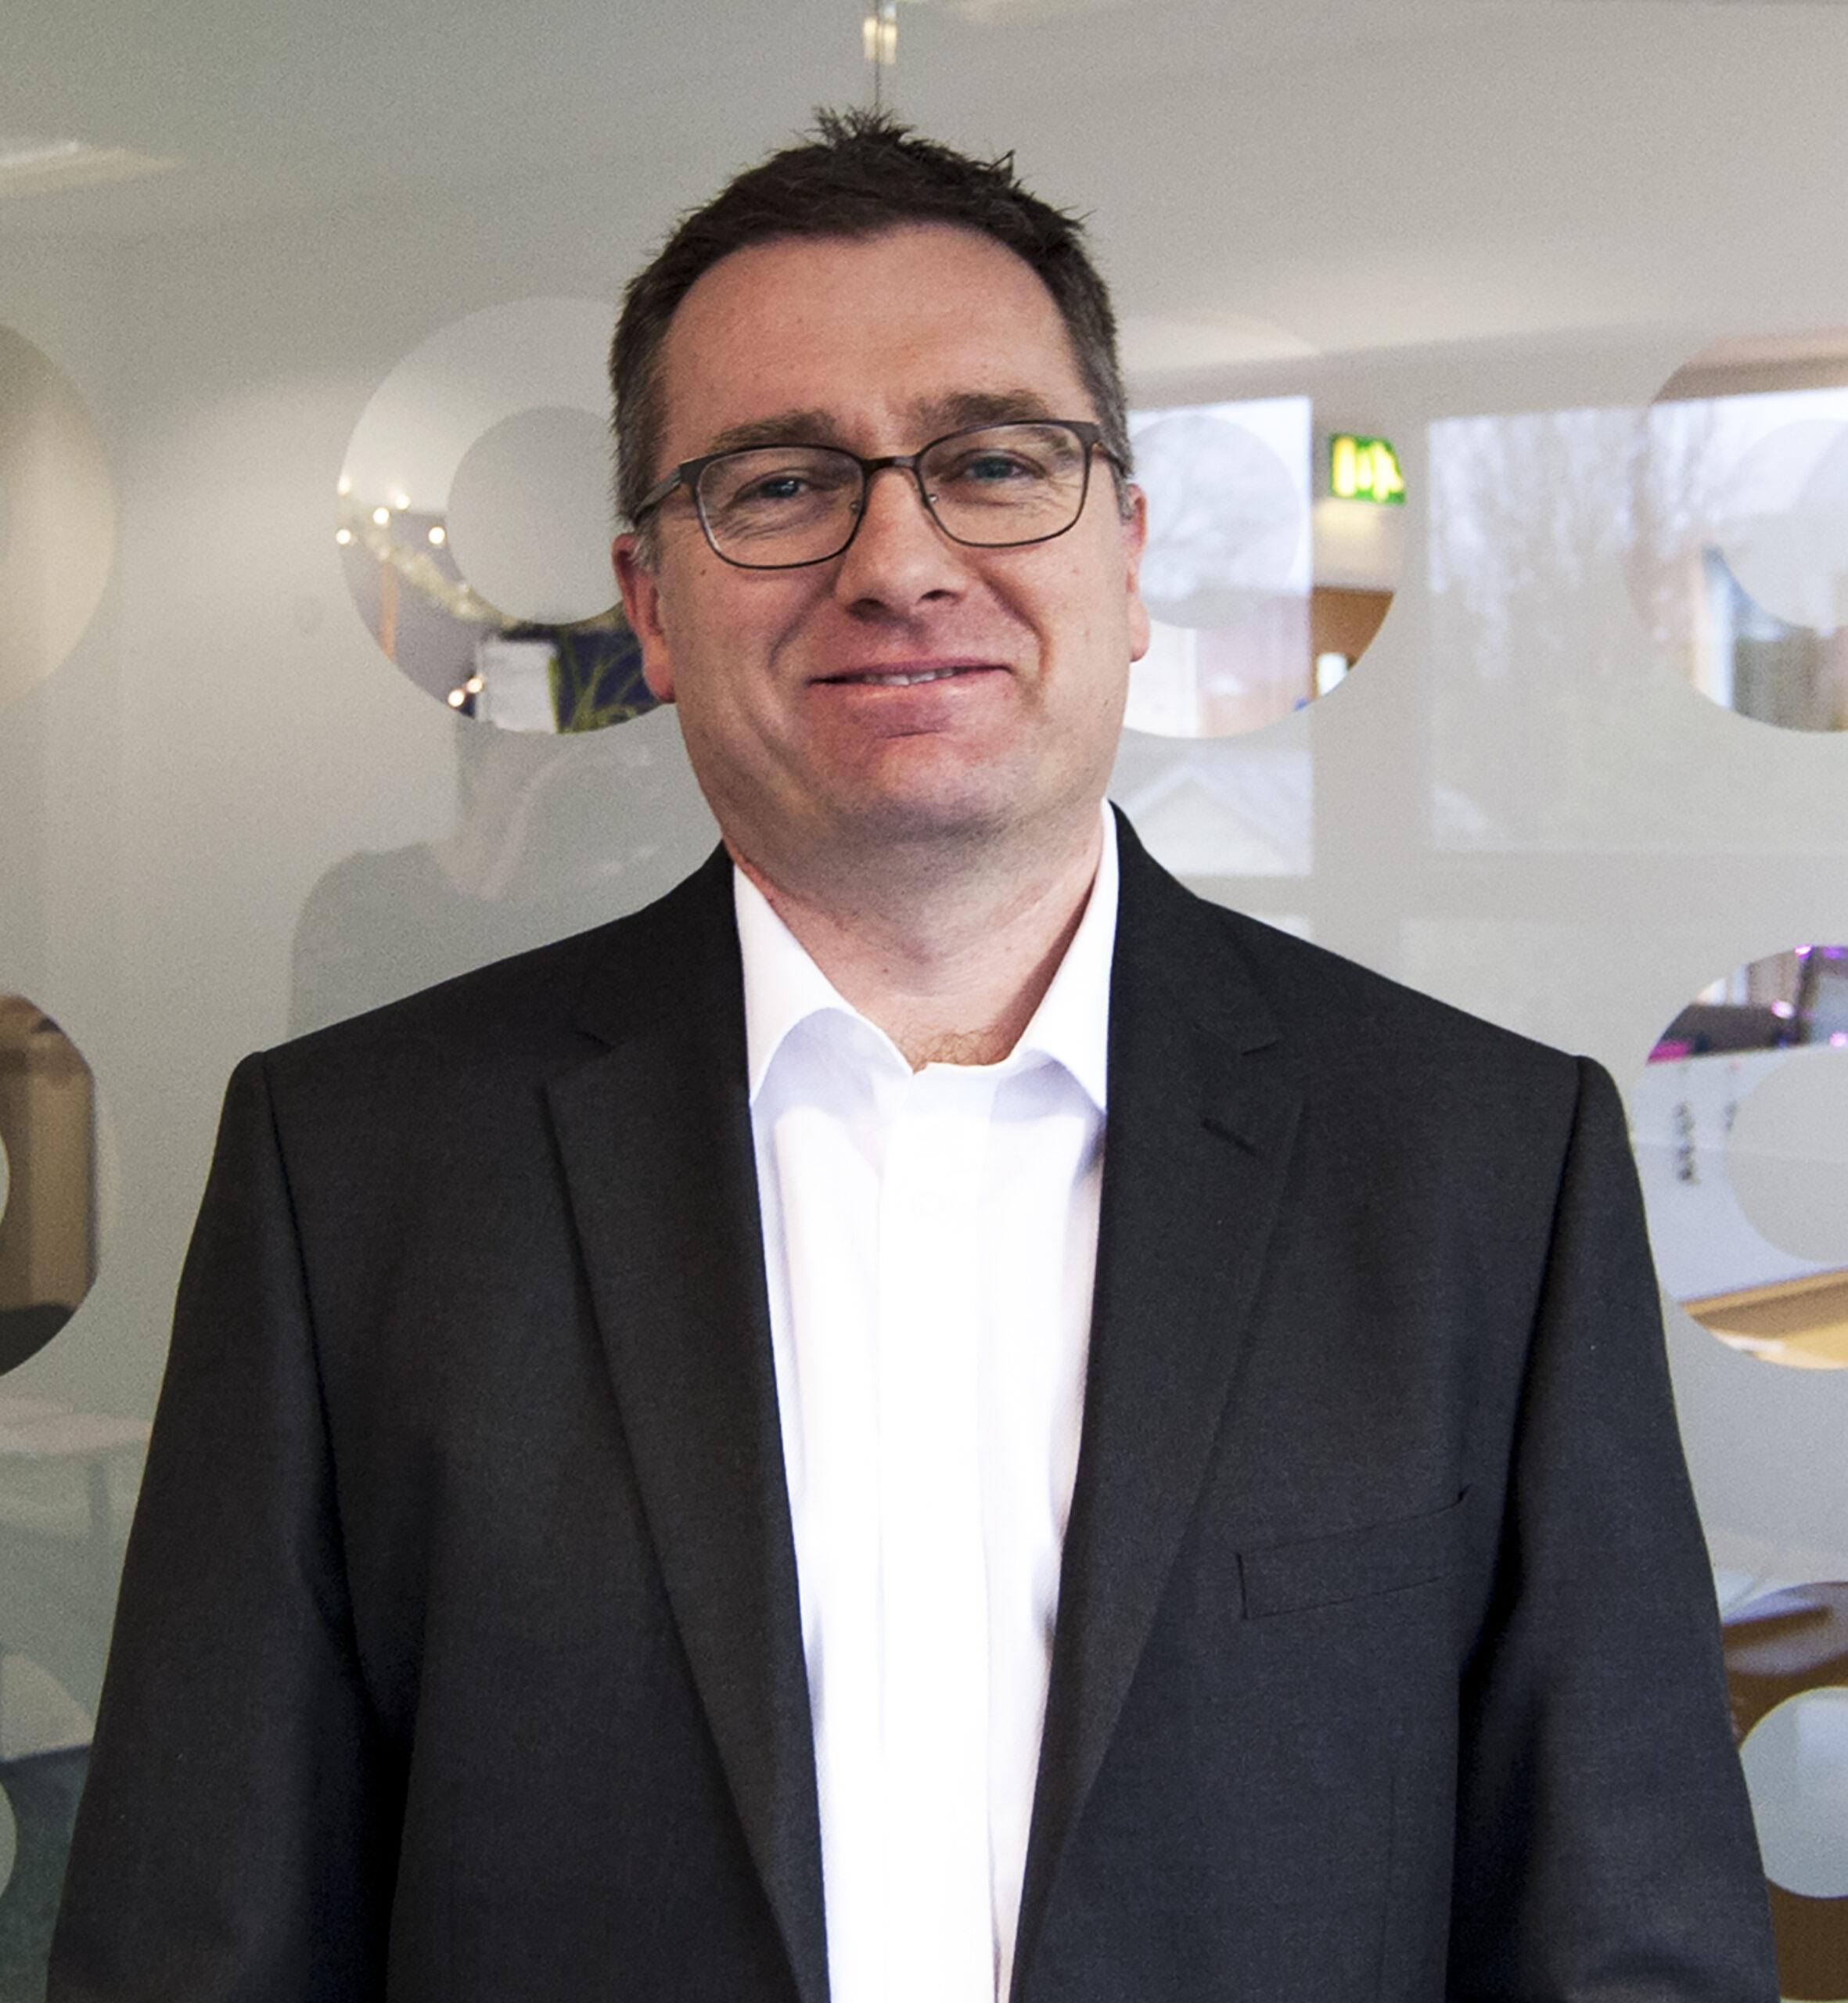 David Bullen – Non-Executive Director